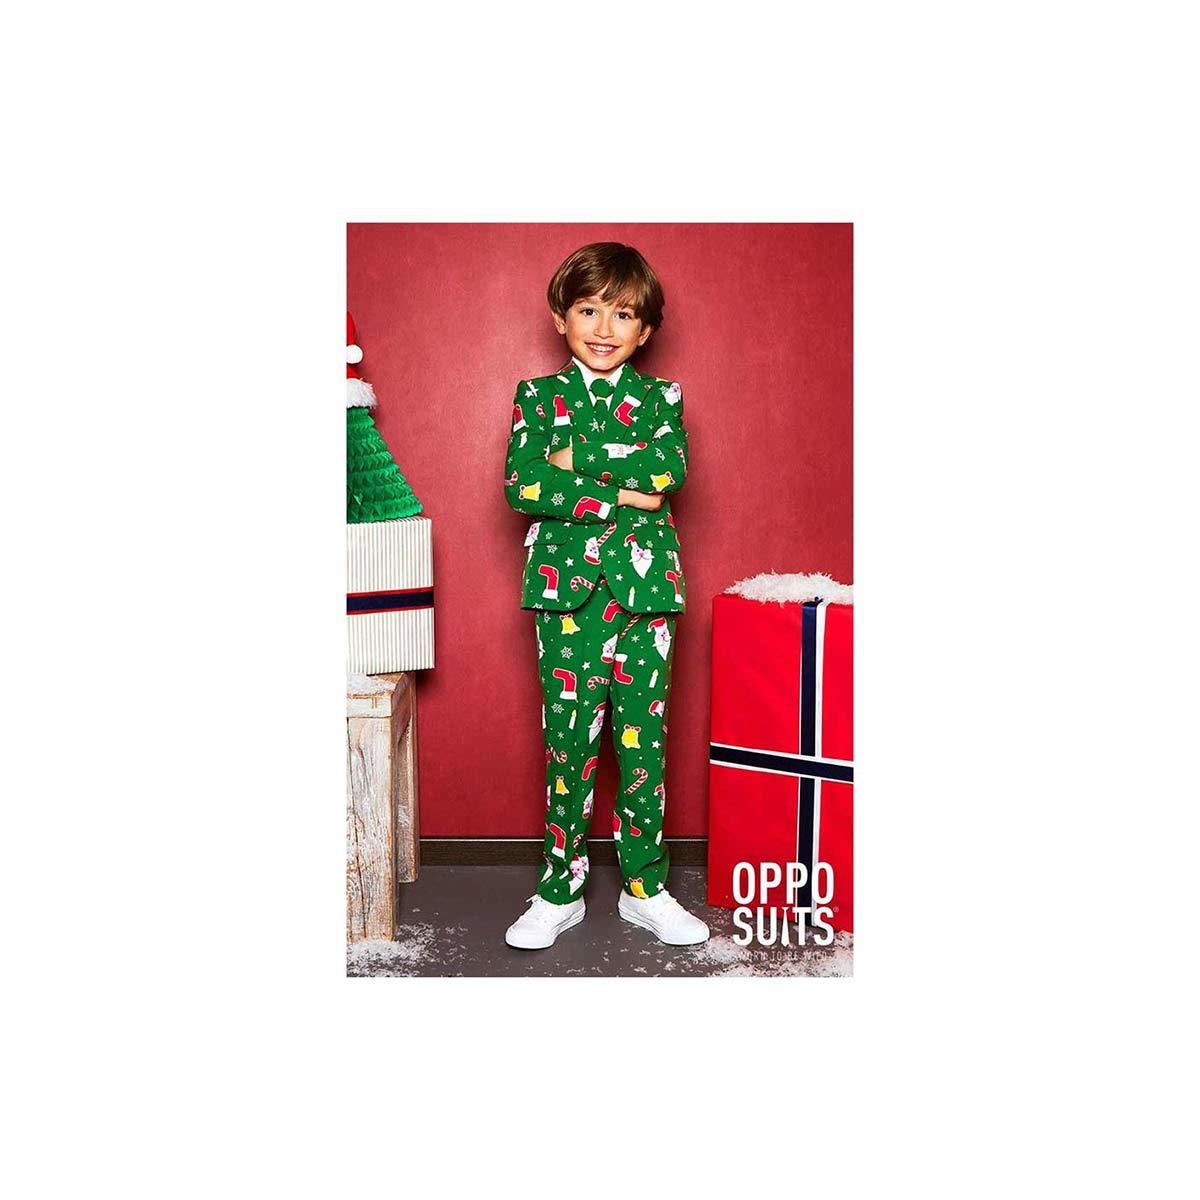 Opposuits オッポスーツ 子供 小学生 男の子 SANTABOSS 緑 クリスマス 総柄 パーティ 衣装 コスプレ 仮装 コスチューム ファンシースーツ